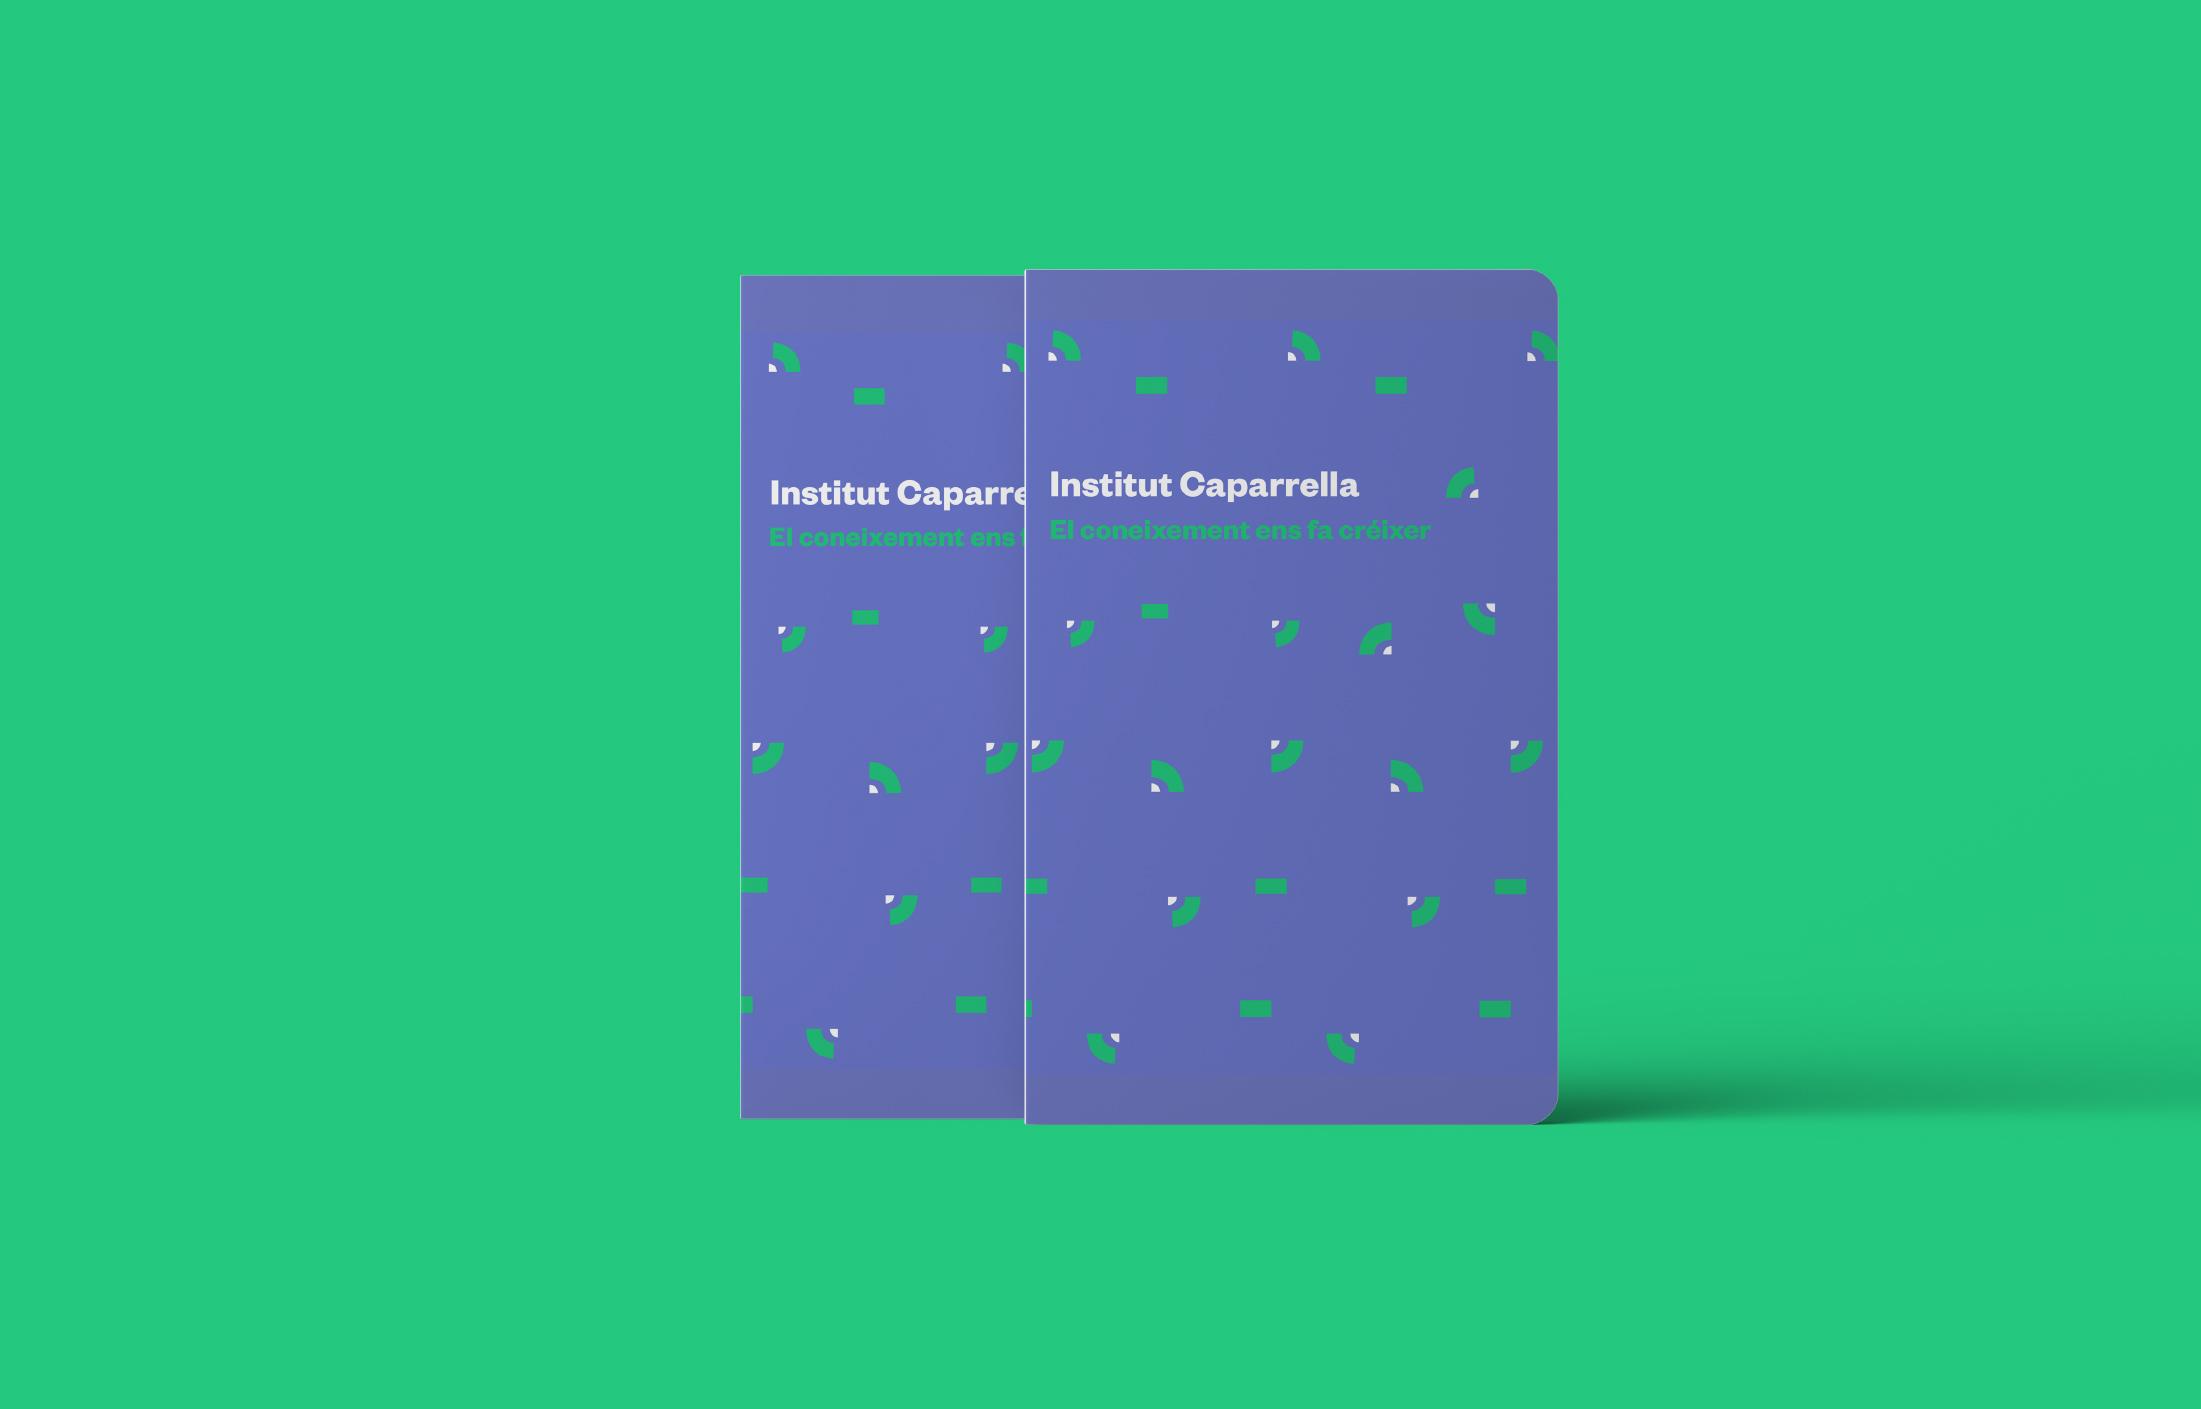 Branding_Institut-Caparrella-Lleida_2020_12